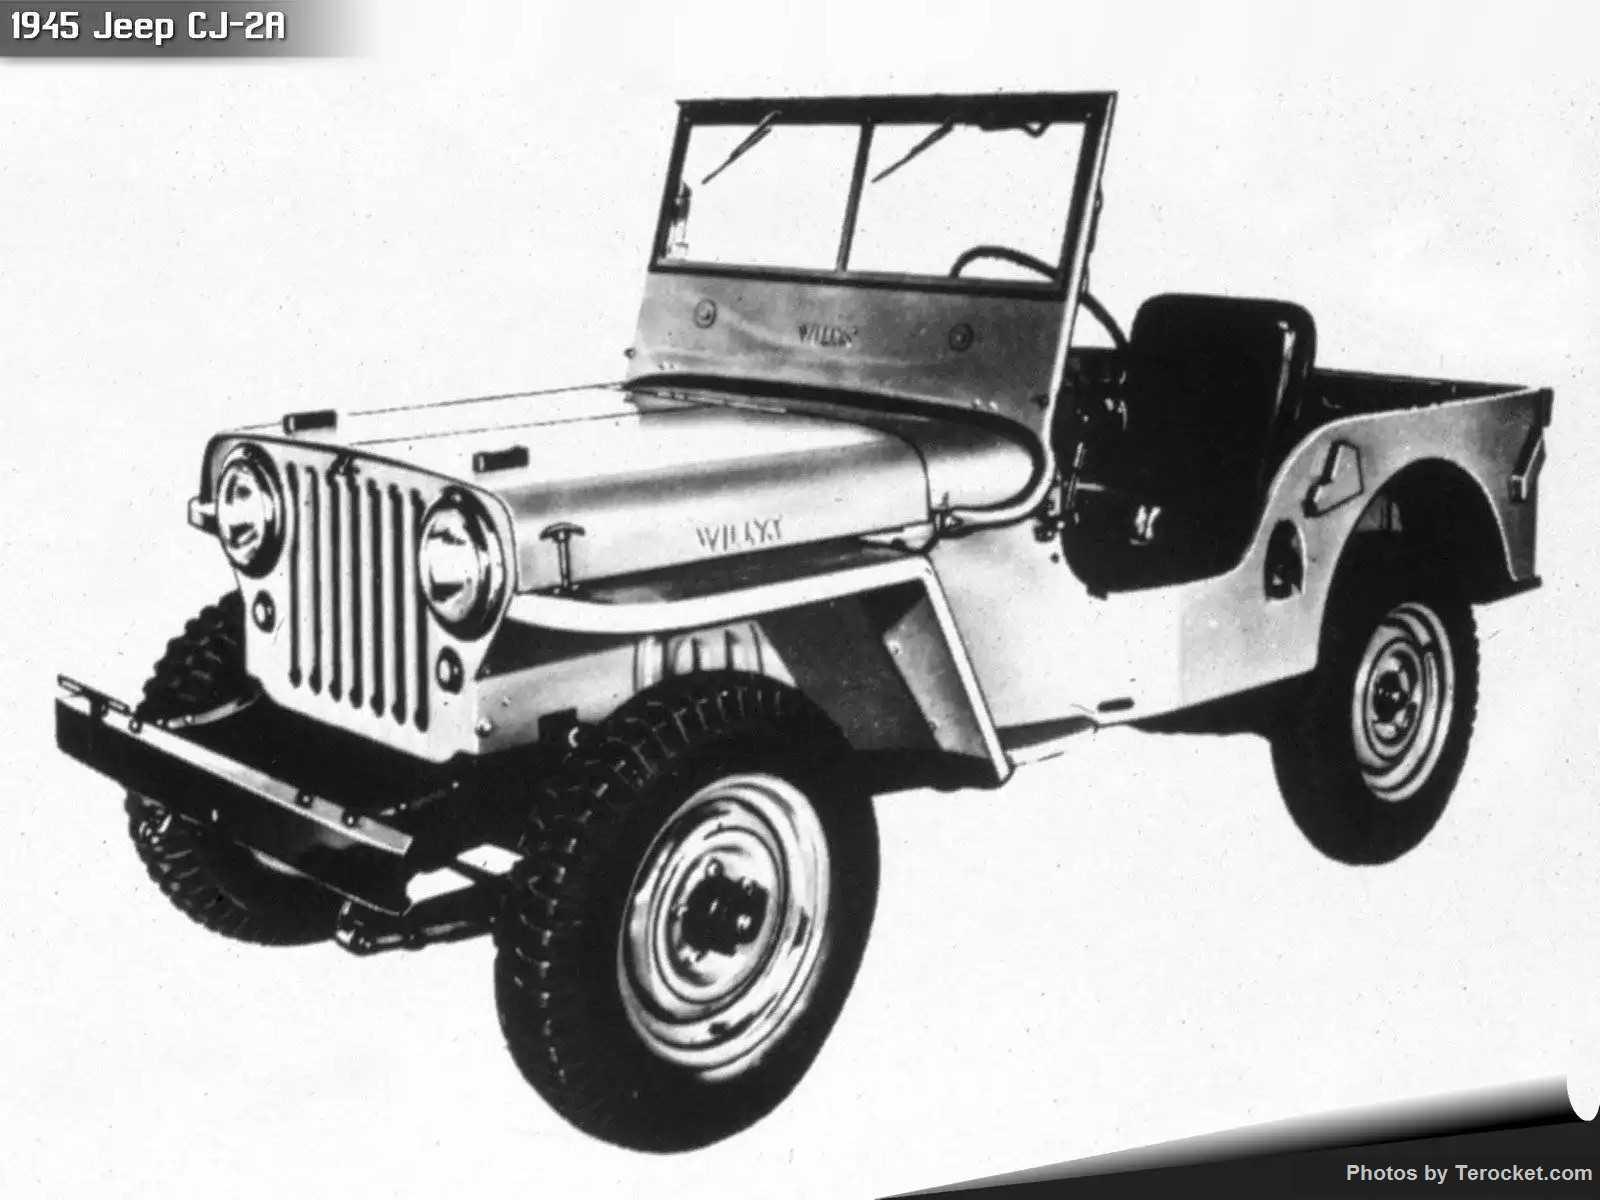 Hình ảnh xe ô tô Jeep CJ-2A 1945 & nội ngoại thất